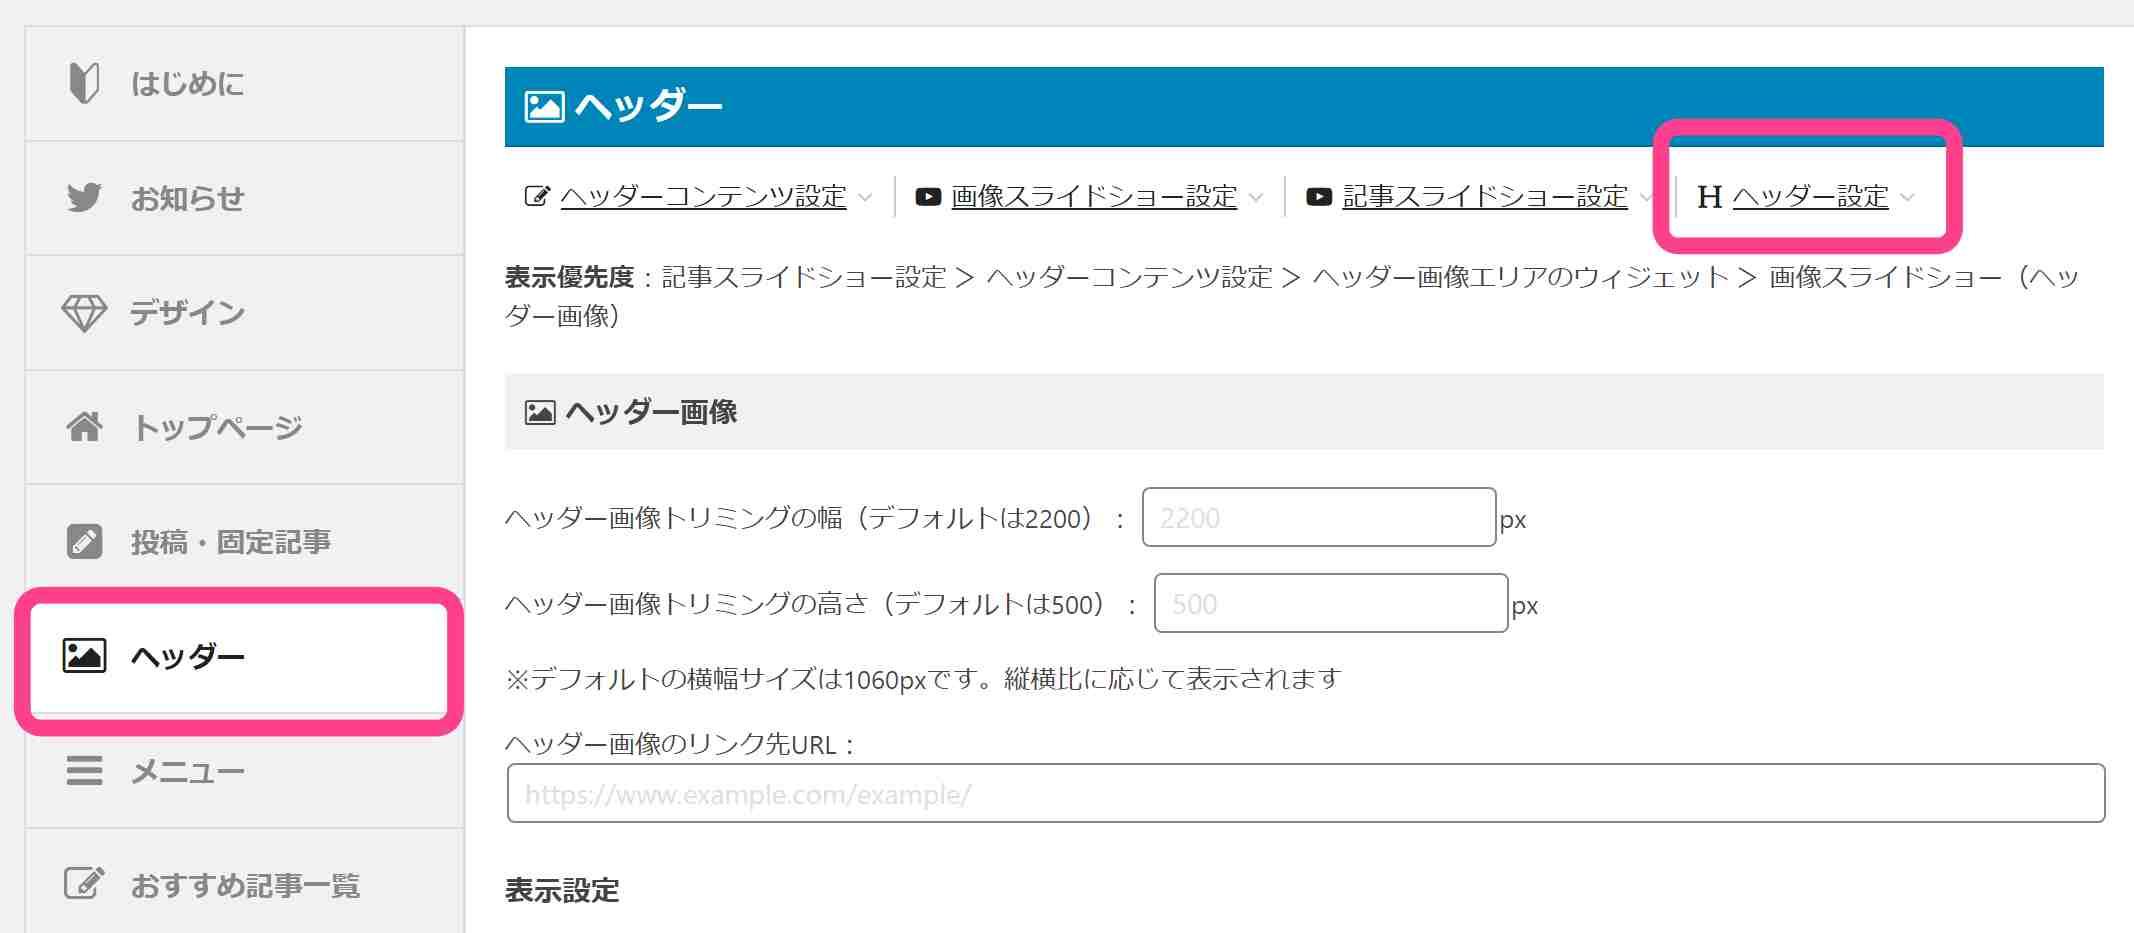 サイト名を中央部に表示する方法②